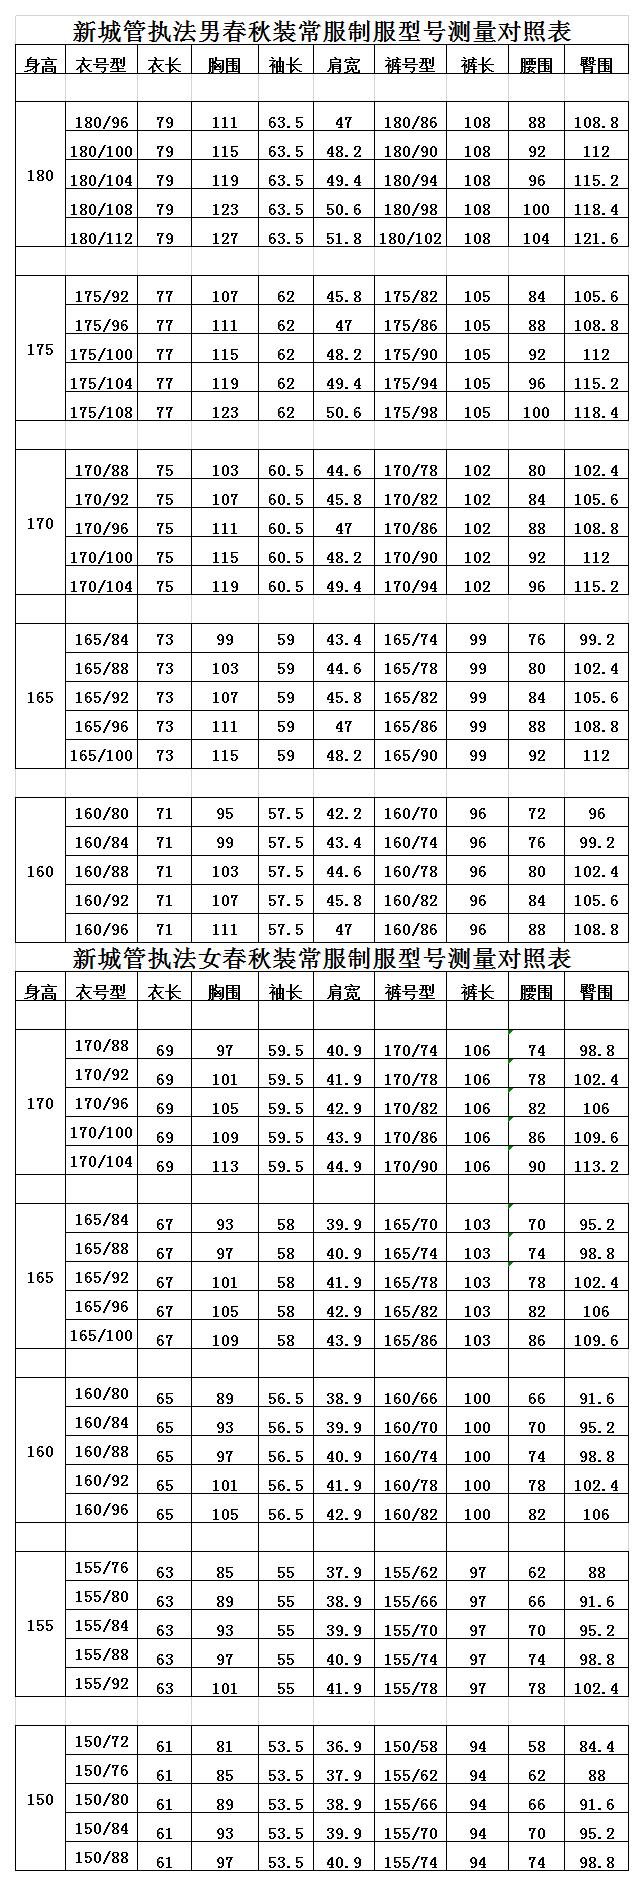 新城管执法男春秋装常服制服型号测量对照表.png